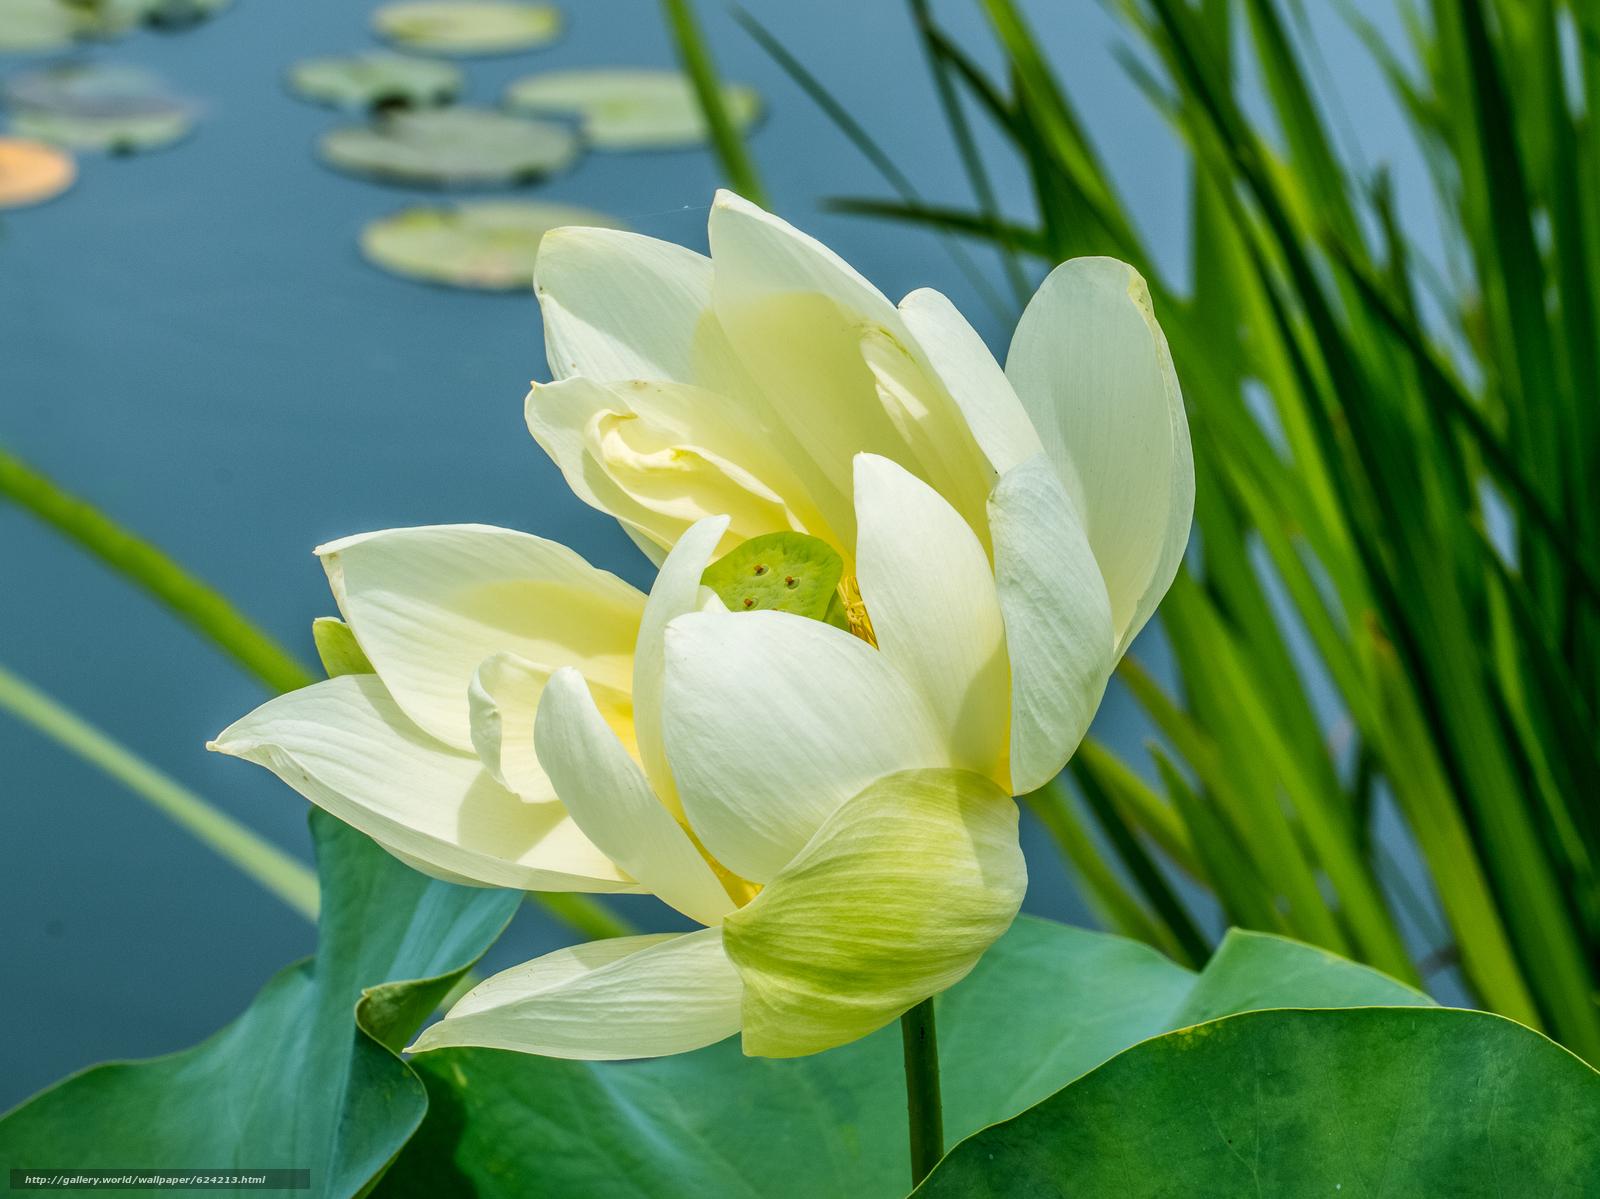 Фото цветка лотос с высоким разрешением